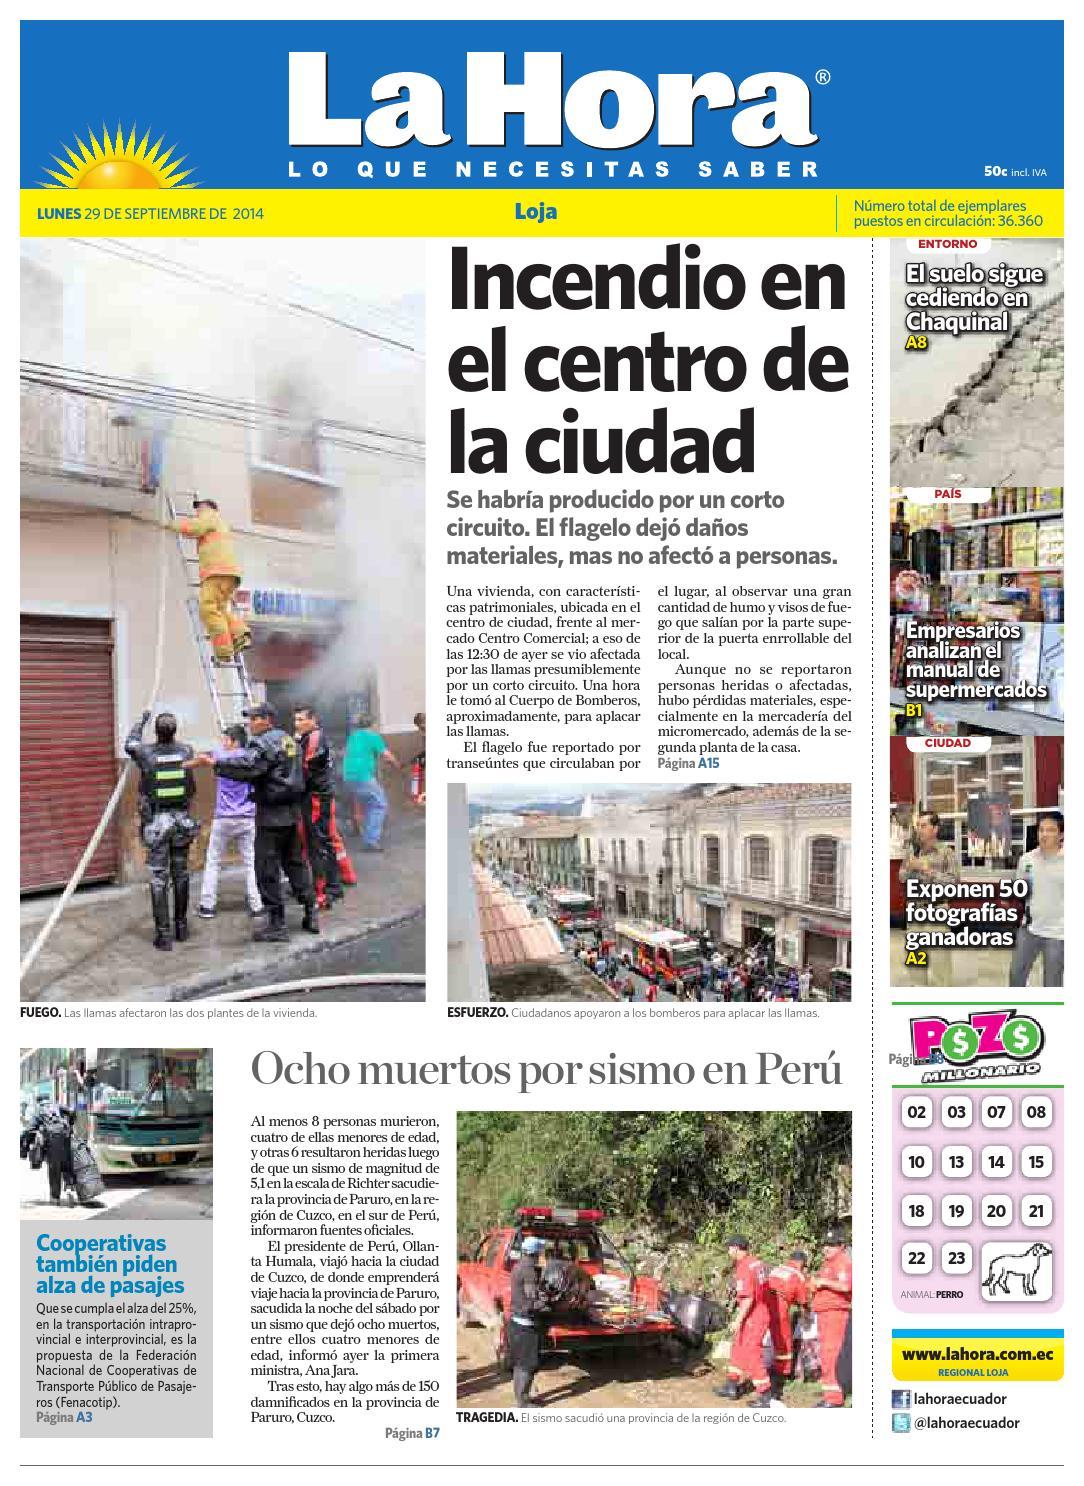 Actriz Porno Daniela Morochola diario la hora loja 29 de septiembre 2014la hora ecuador